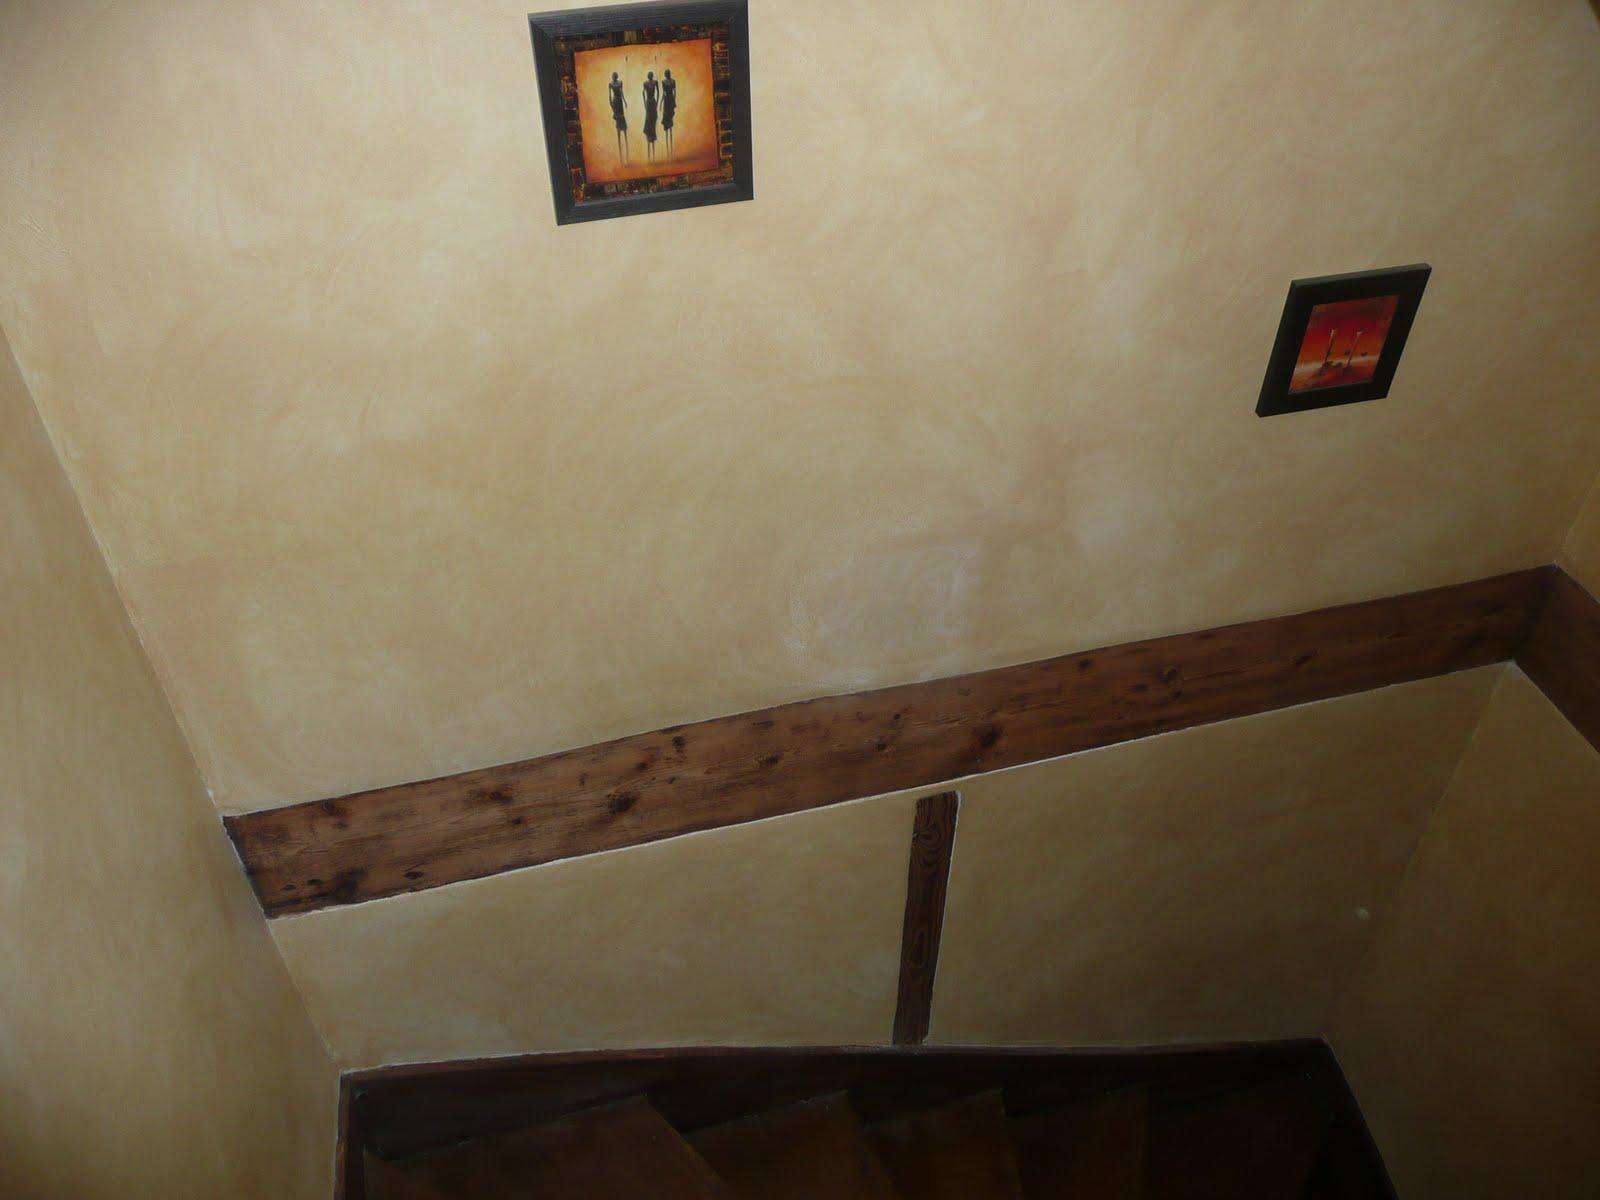 Bfg express embellissement escalier for Technique de peinture murale a l eponge